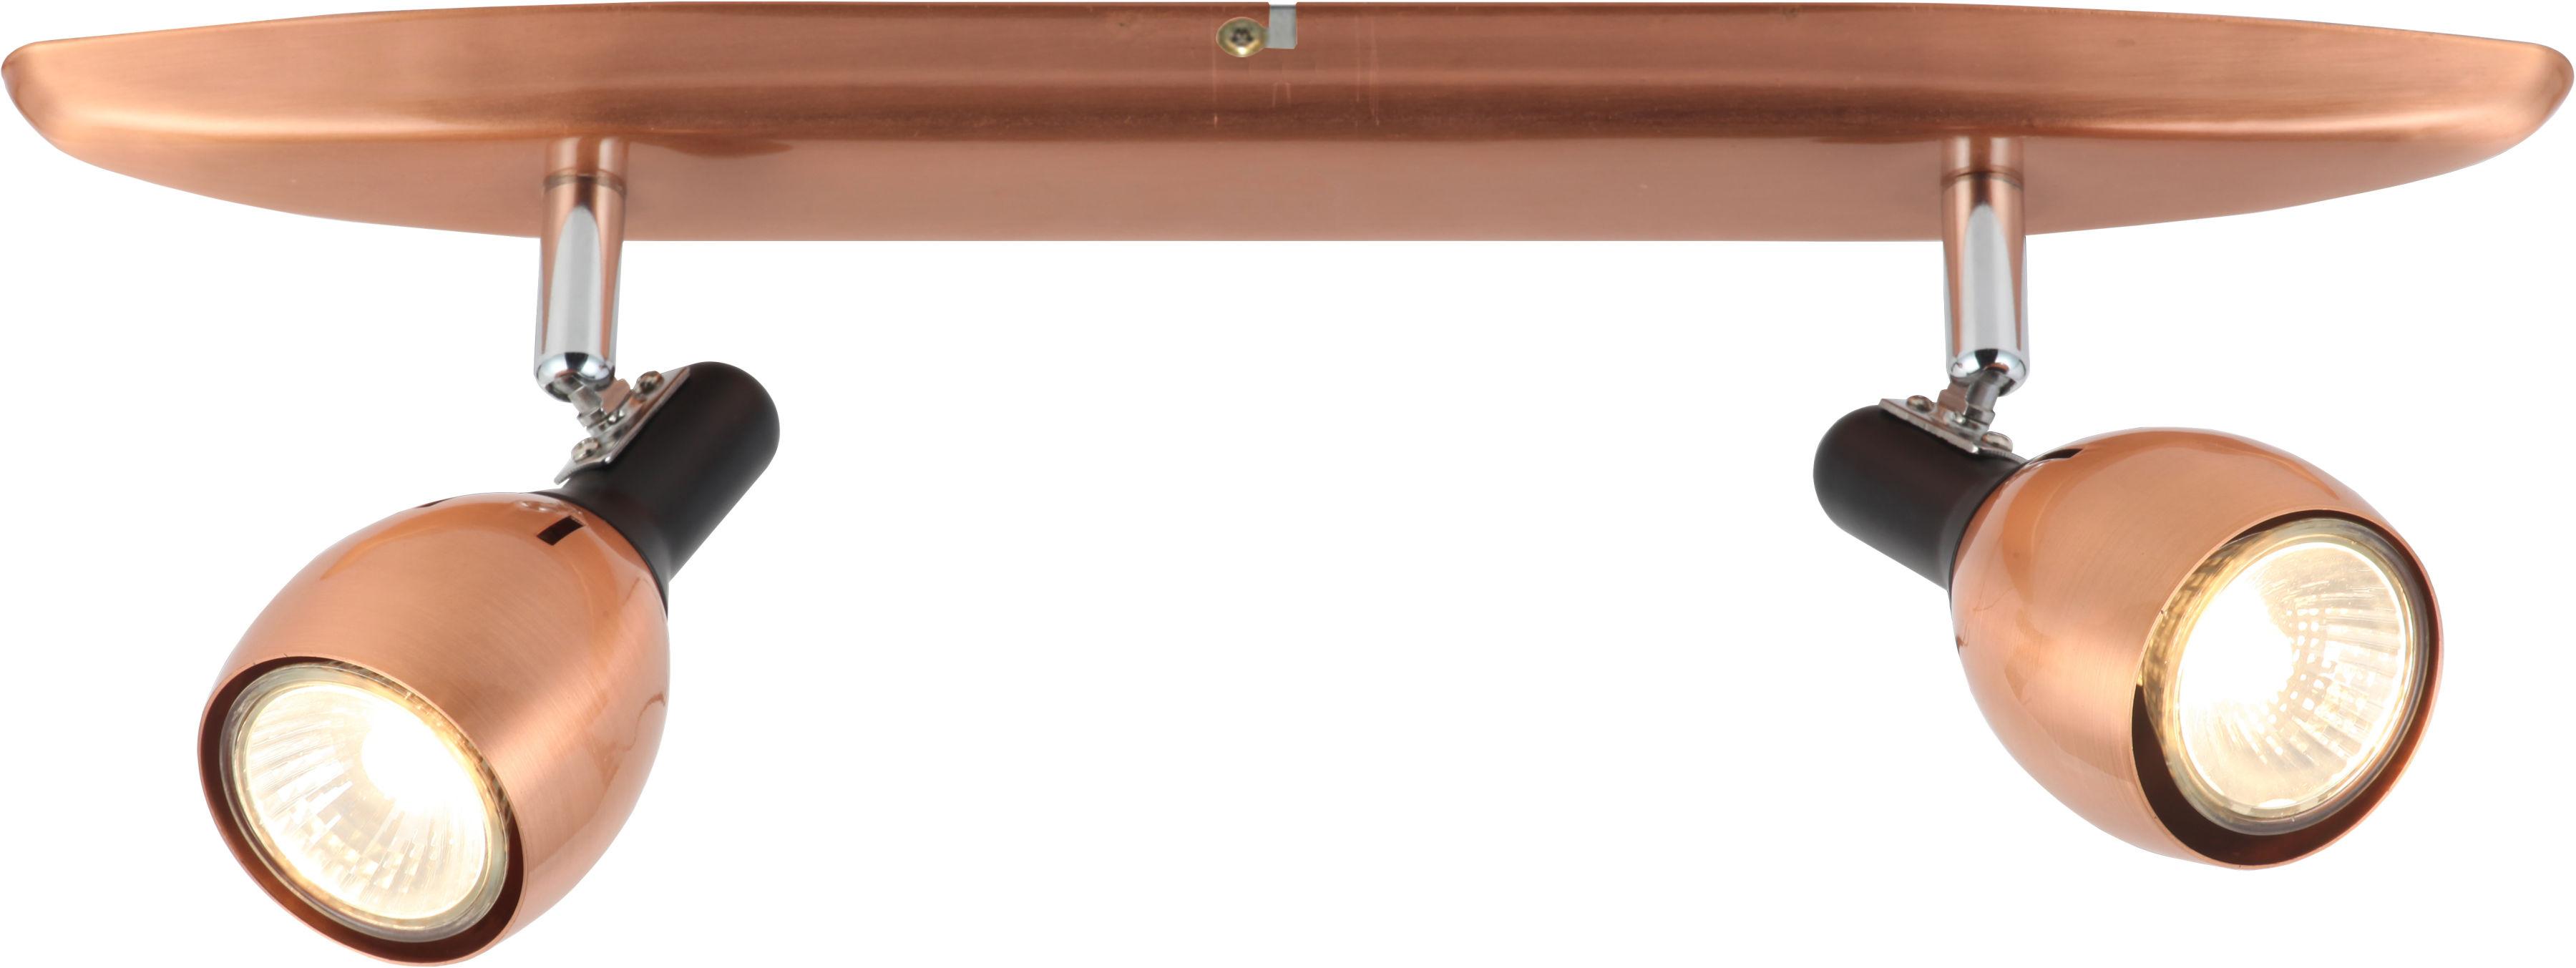 Candellux CROSS 92-32775 oprawa oświetleniowa spot miedziany regulacja klosza 2X50W GU10 40cm